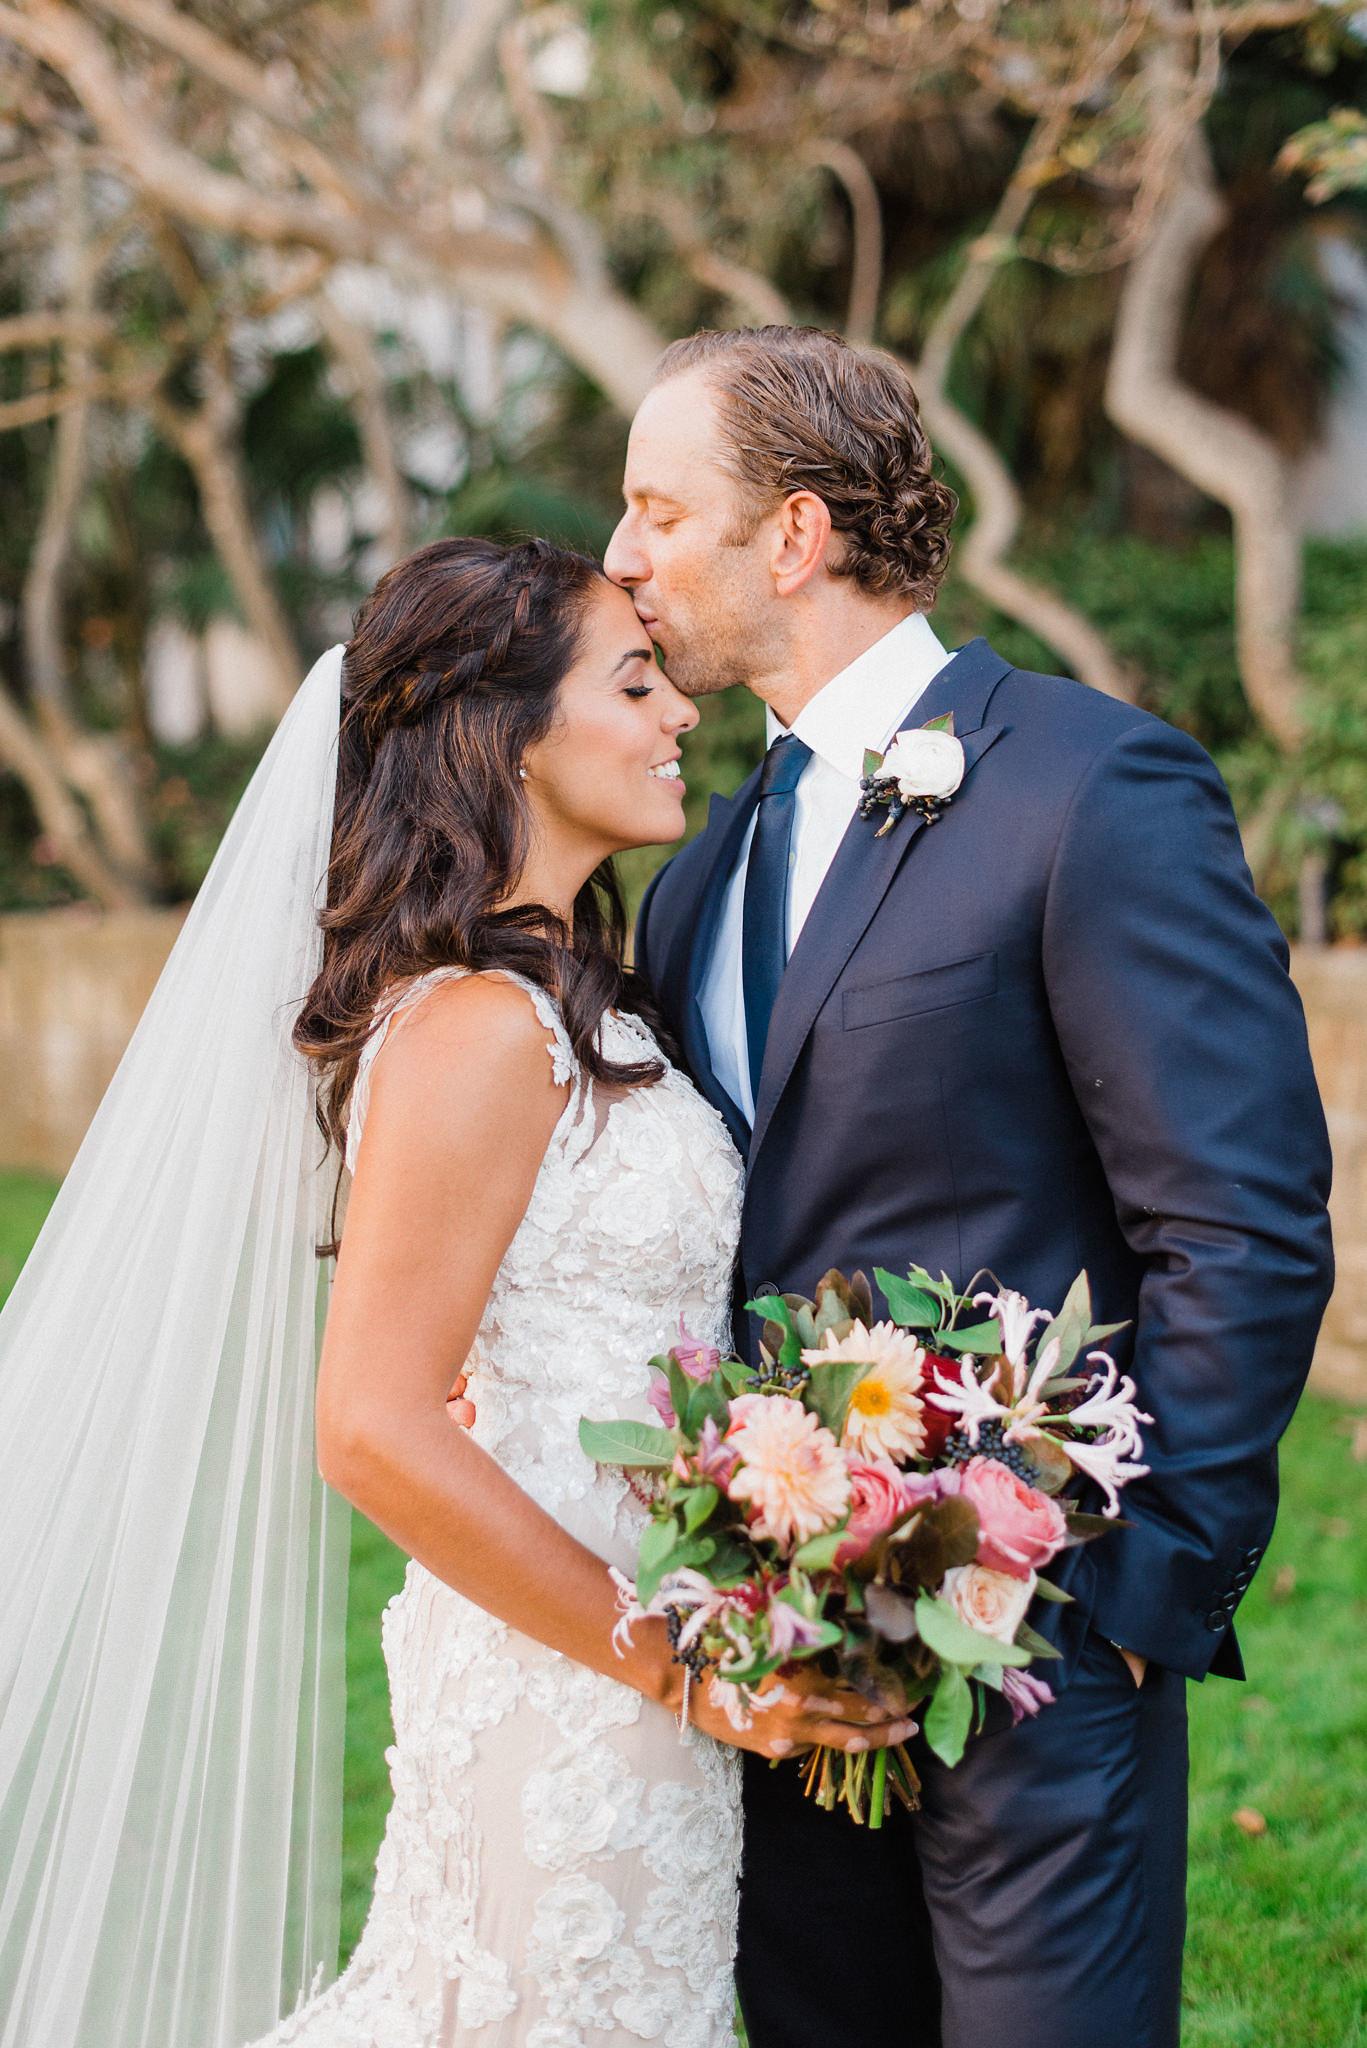 www.santabarbarawedding.com | Canary Hotel | Grace Kathryn | Bride and Groom